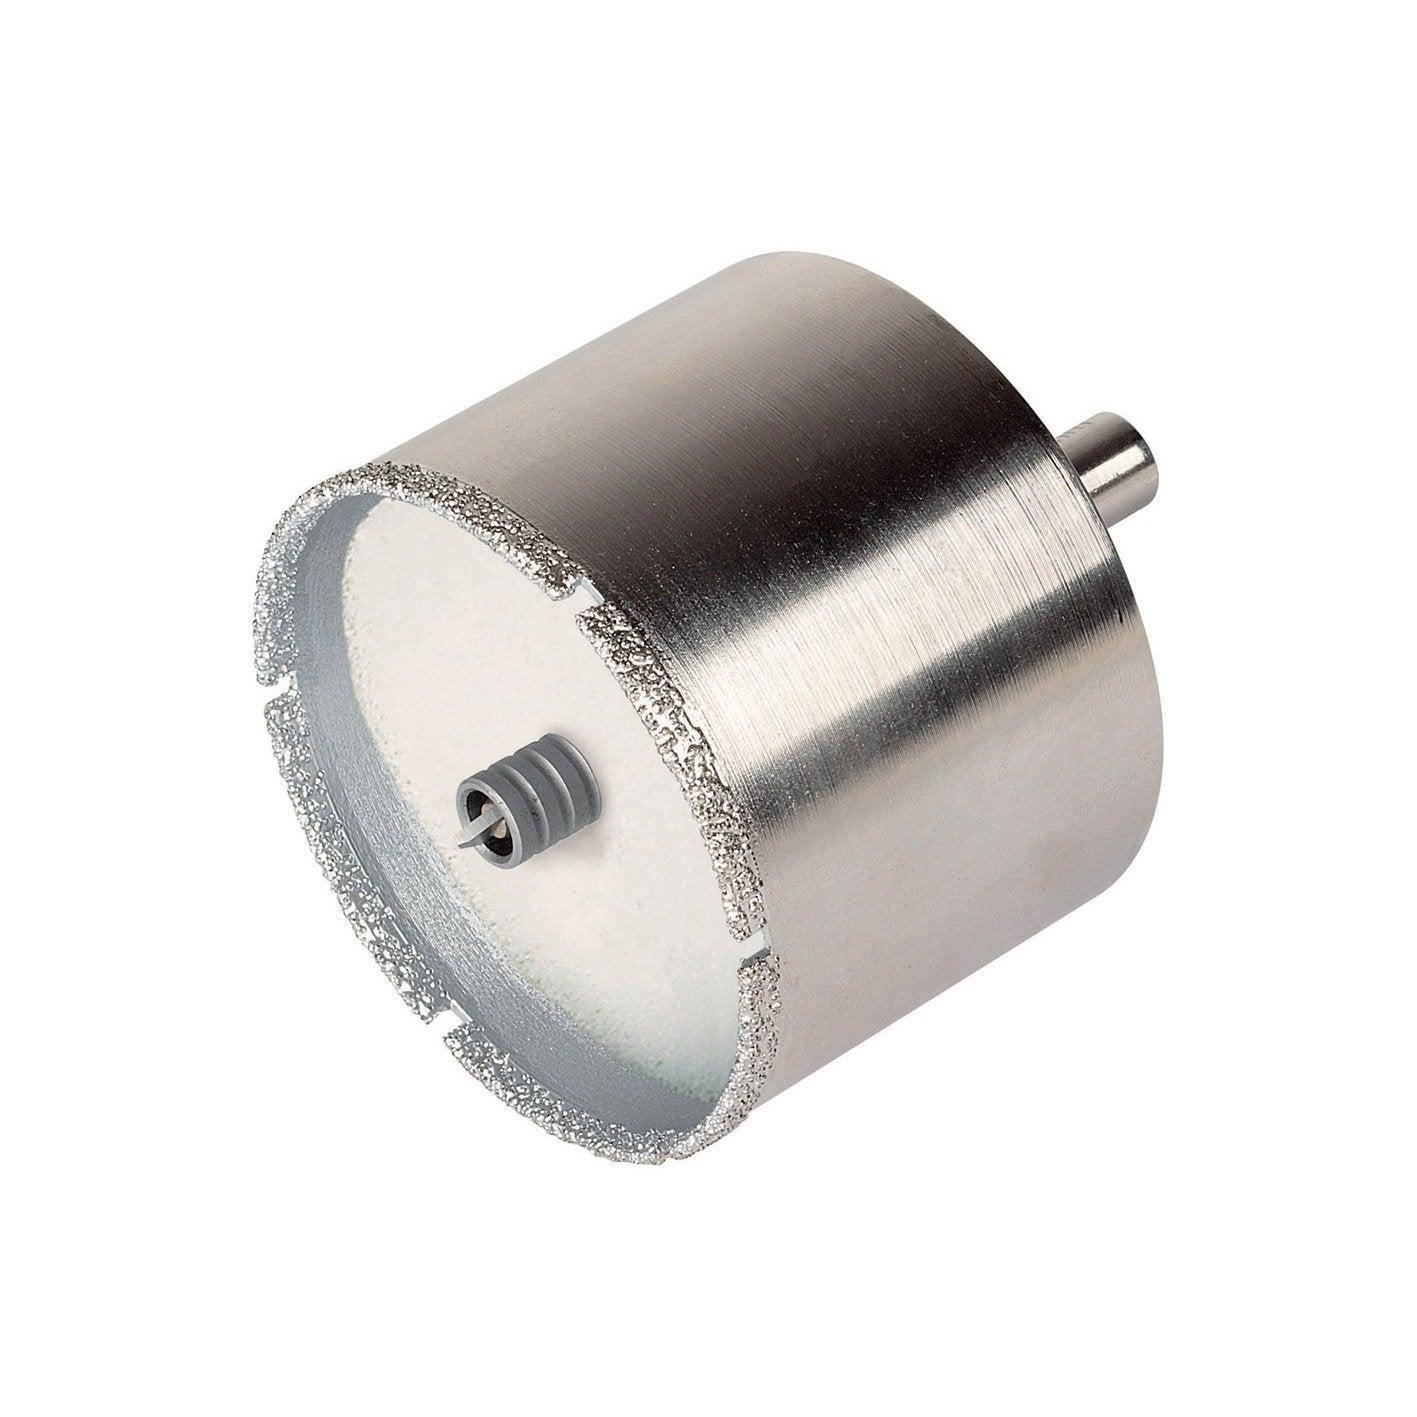 Wolfcraft 8911000 1 Tr/épan Diamant Ceramic /Ø 68 Mm Queue /Ø 10 Mm avec Foret de Centrage